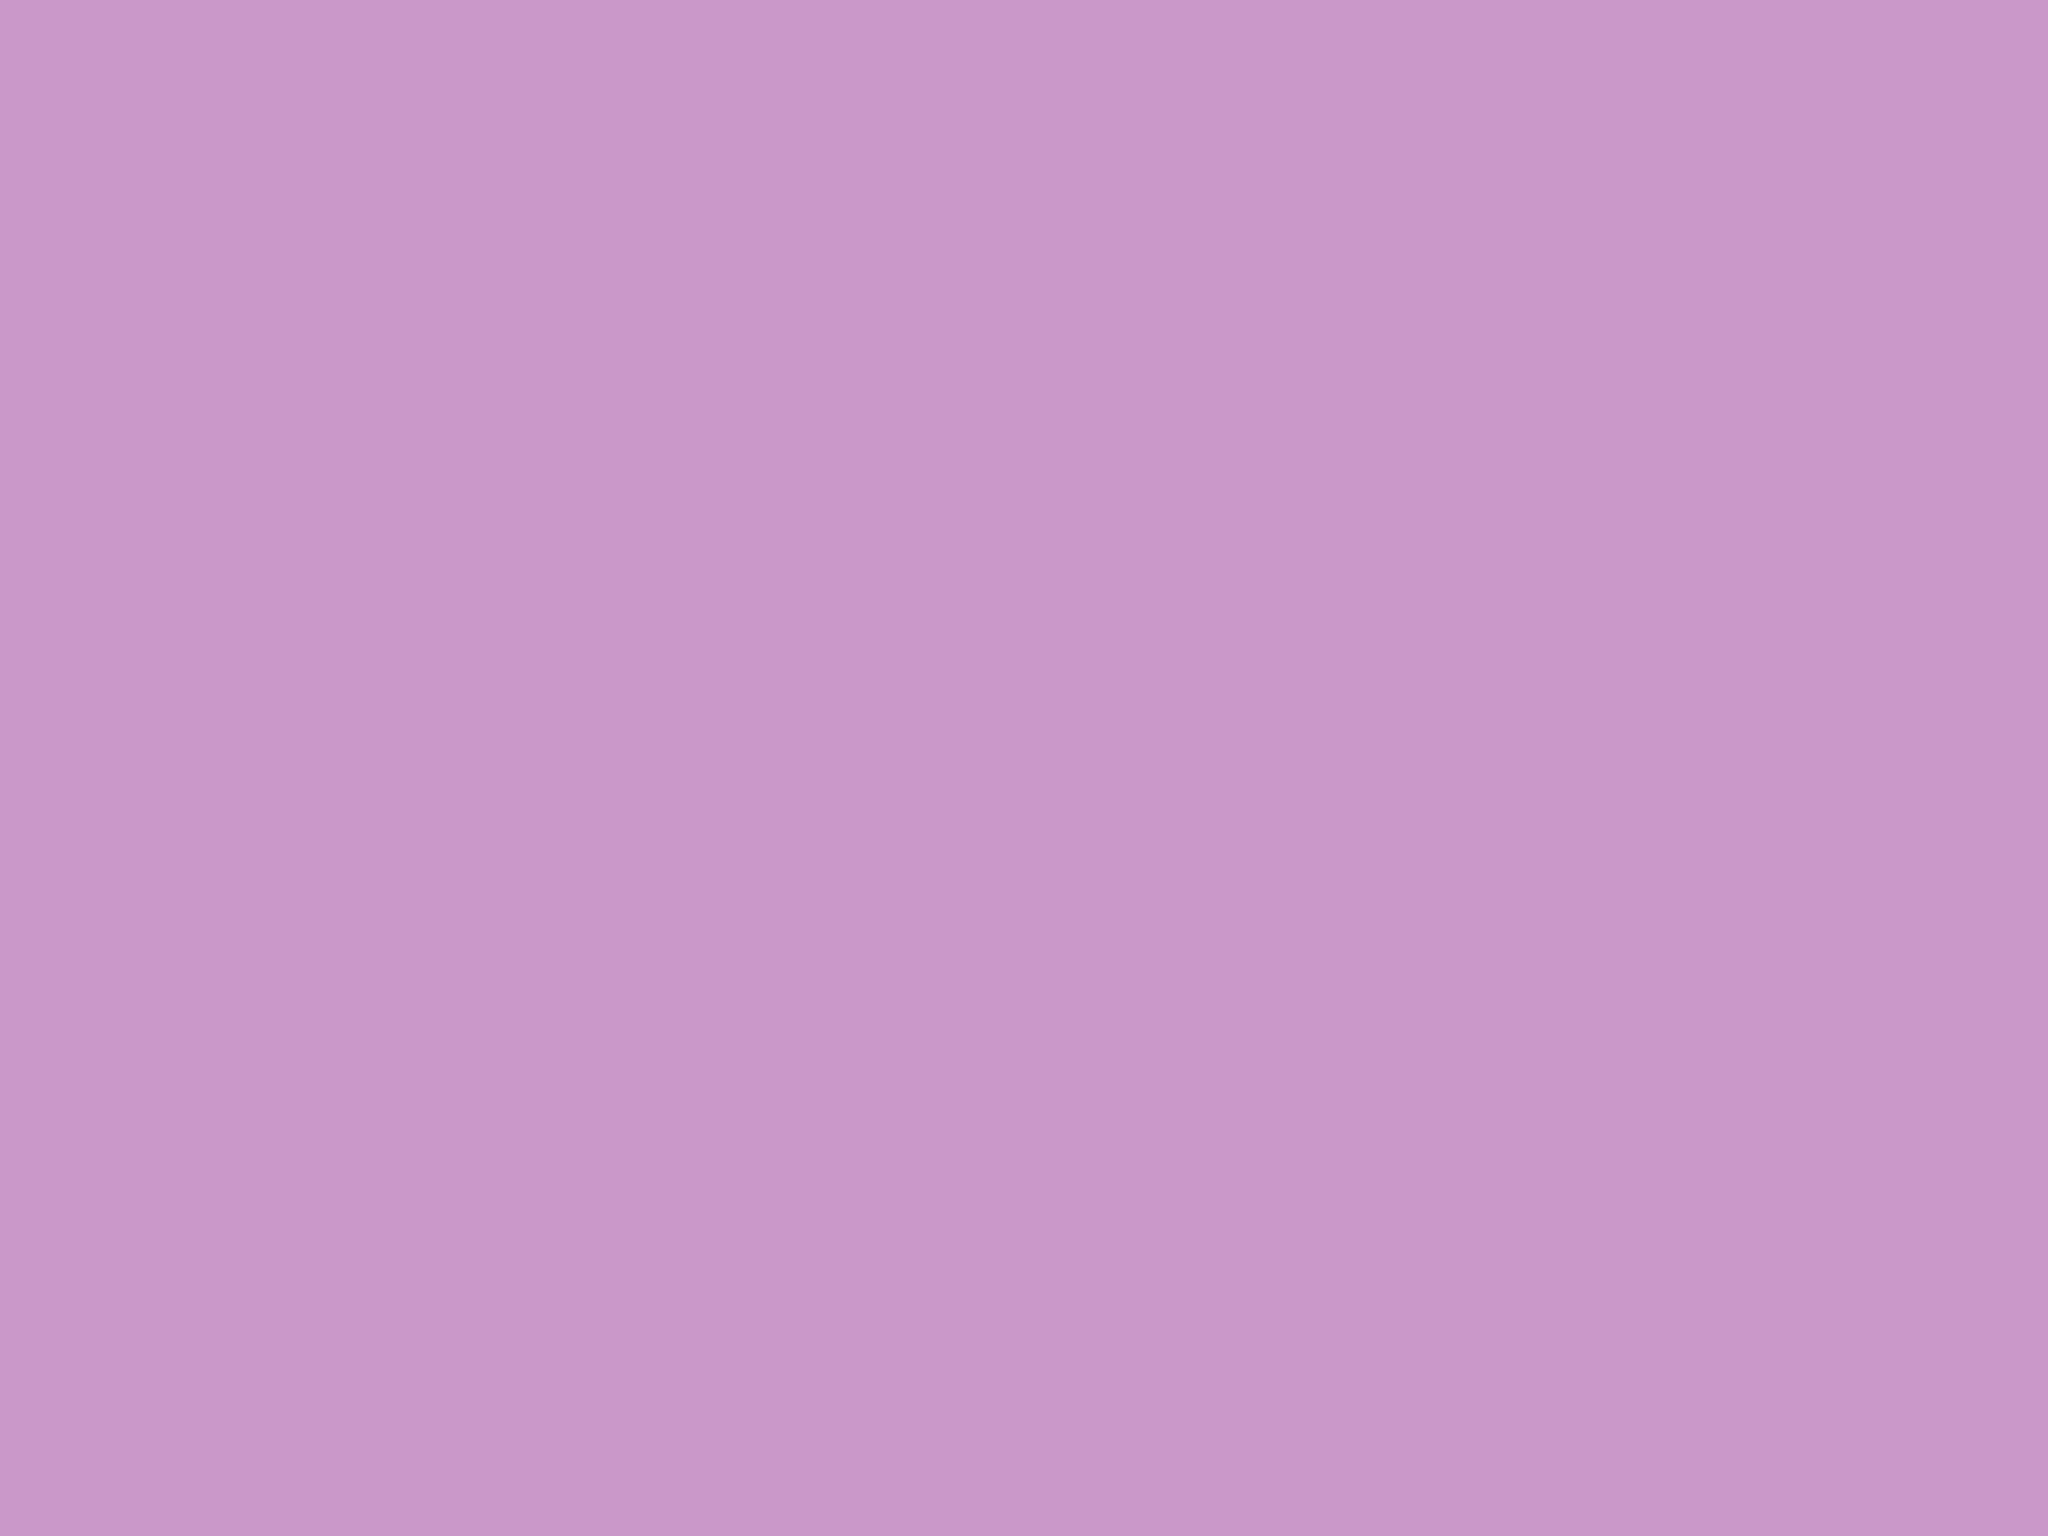 2048x1536 Pastel Violet Solid Color Background